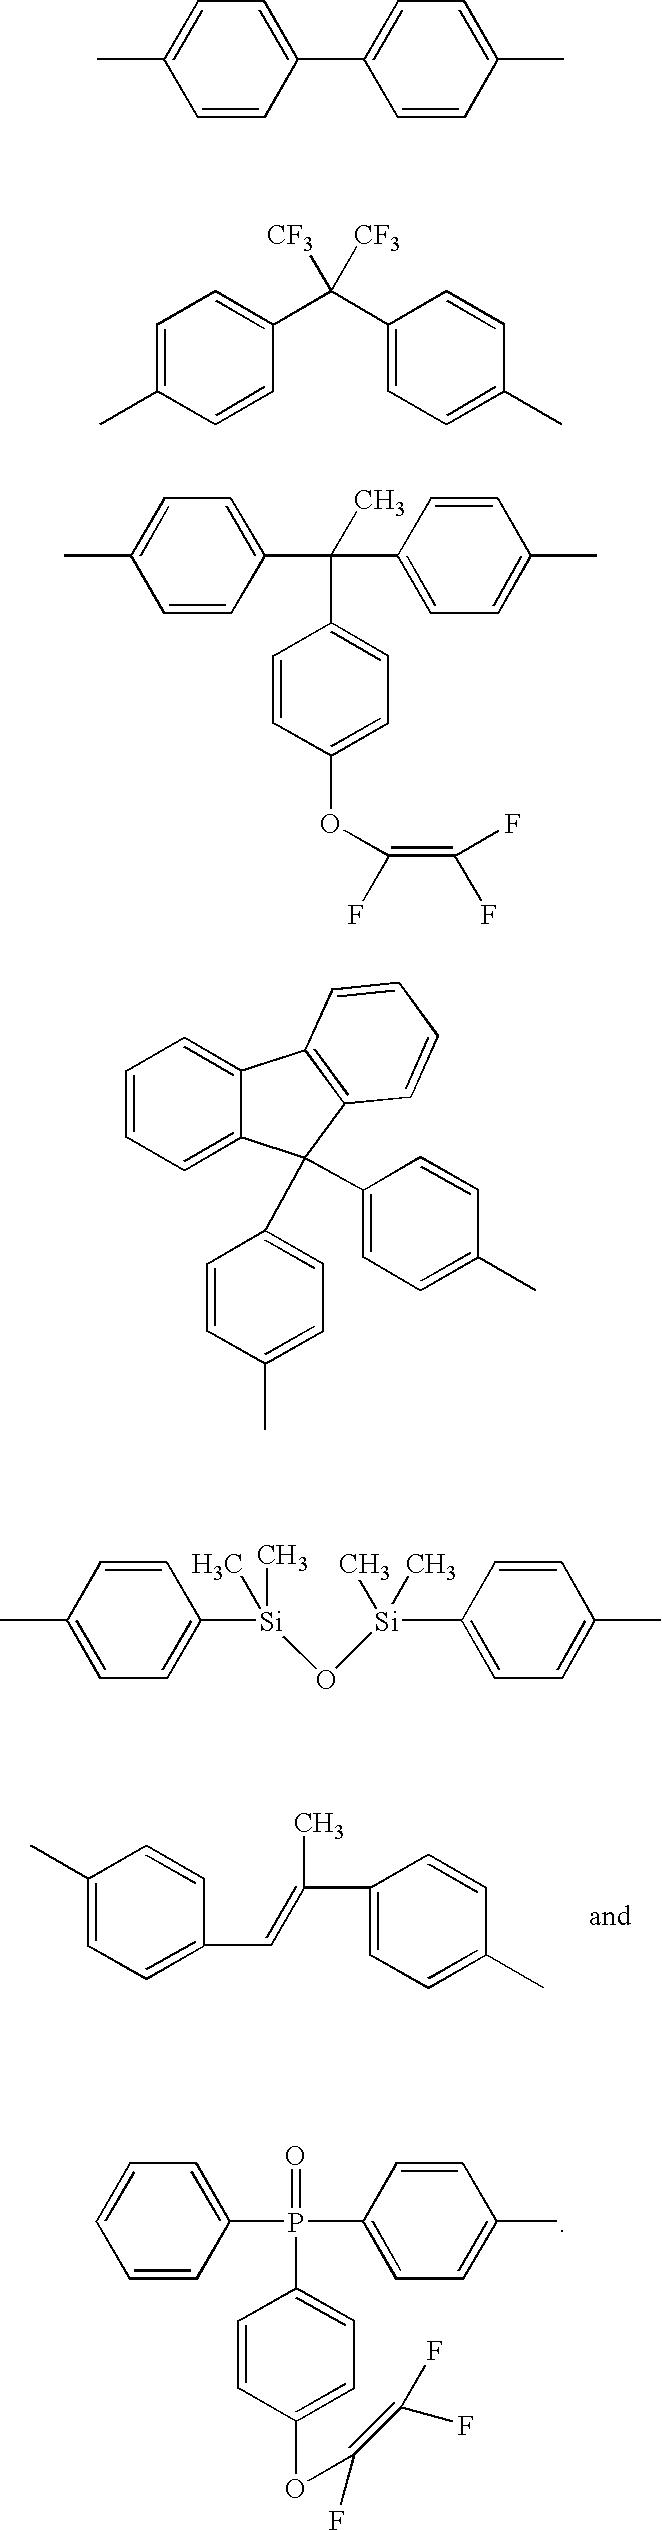 Figure US06649715-20031118-C00010